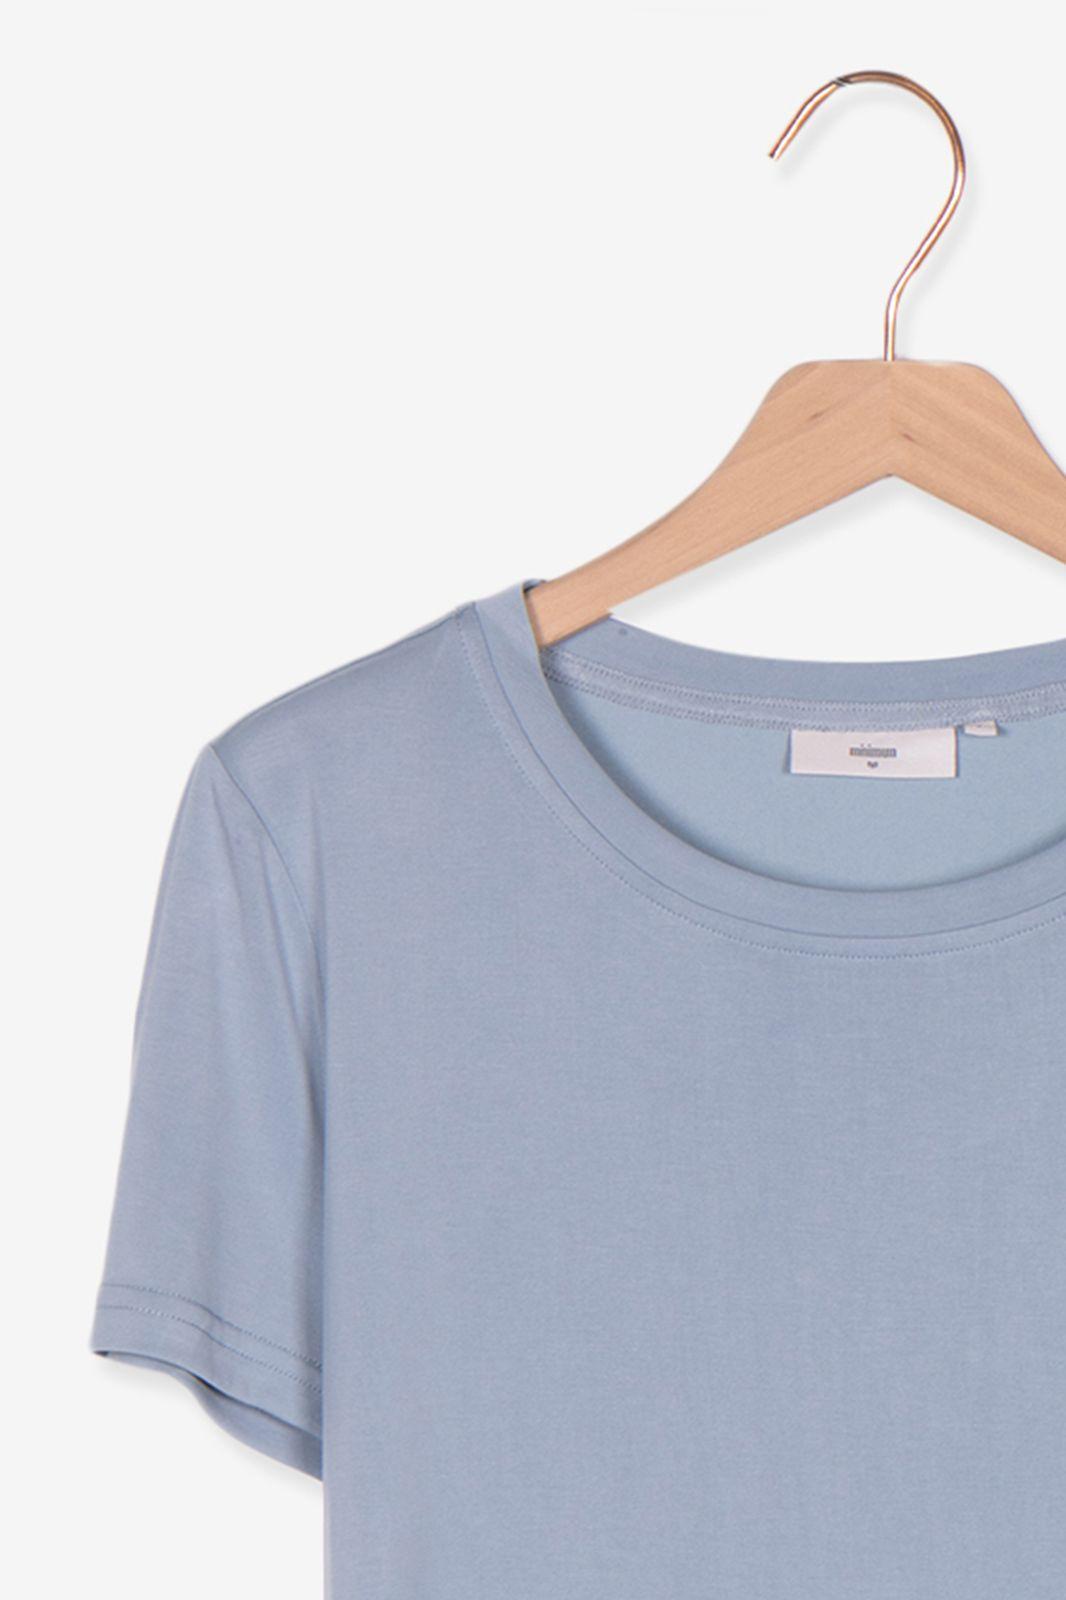 Minimum Lichtblauw t-shirt - Dames | Sissy-Boy